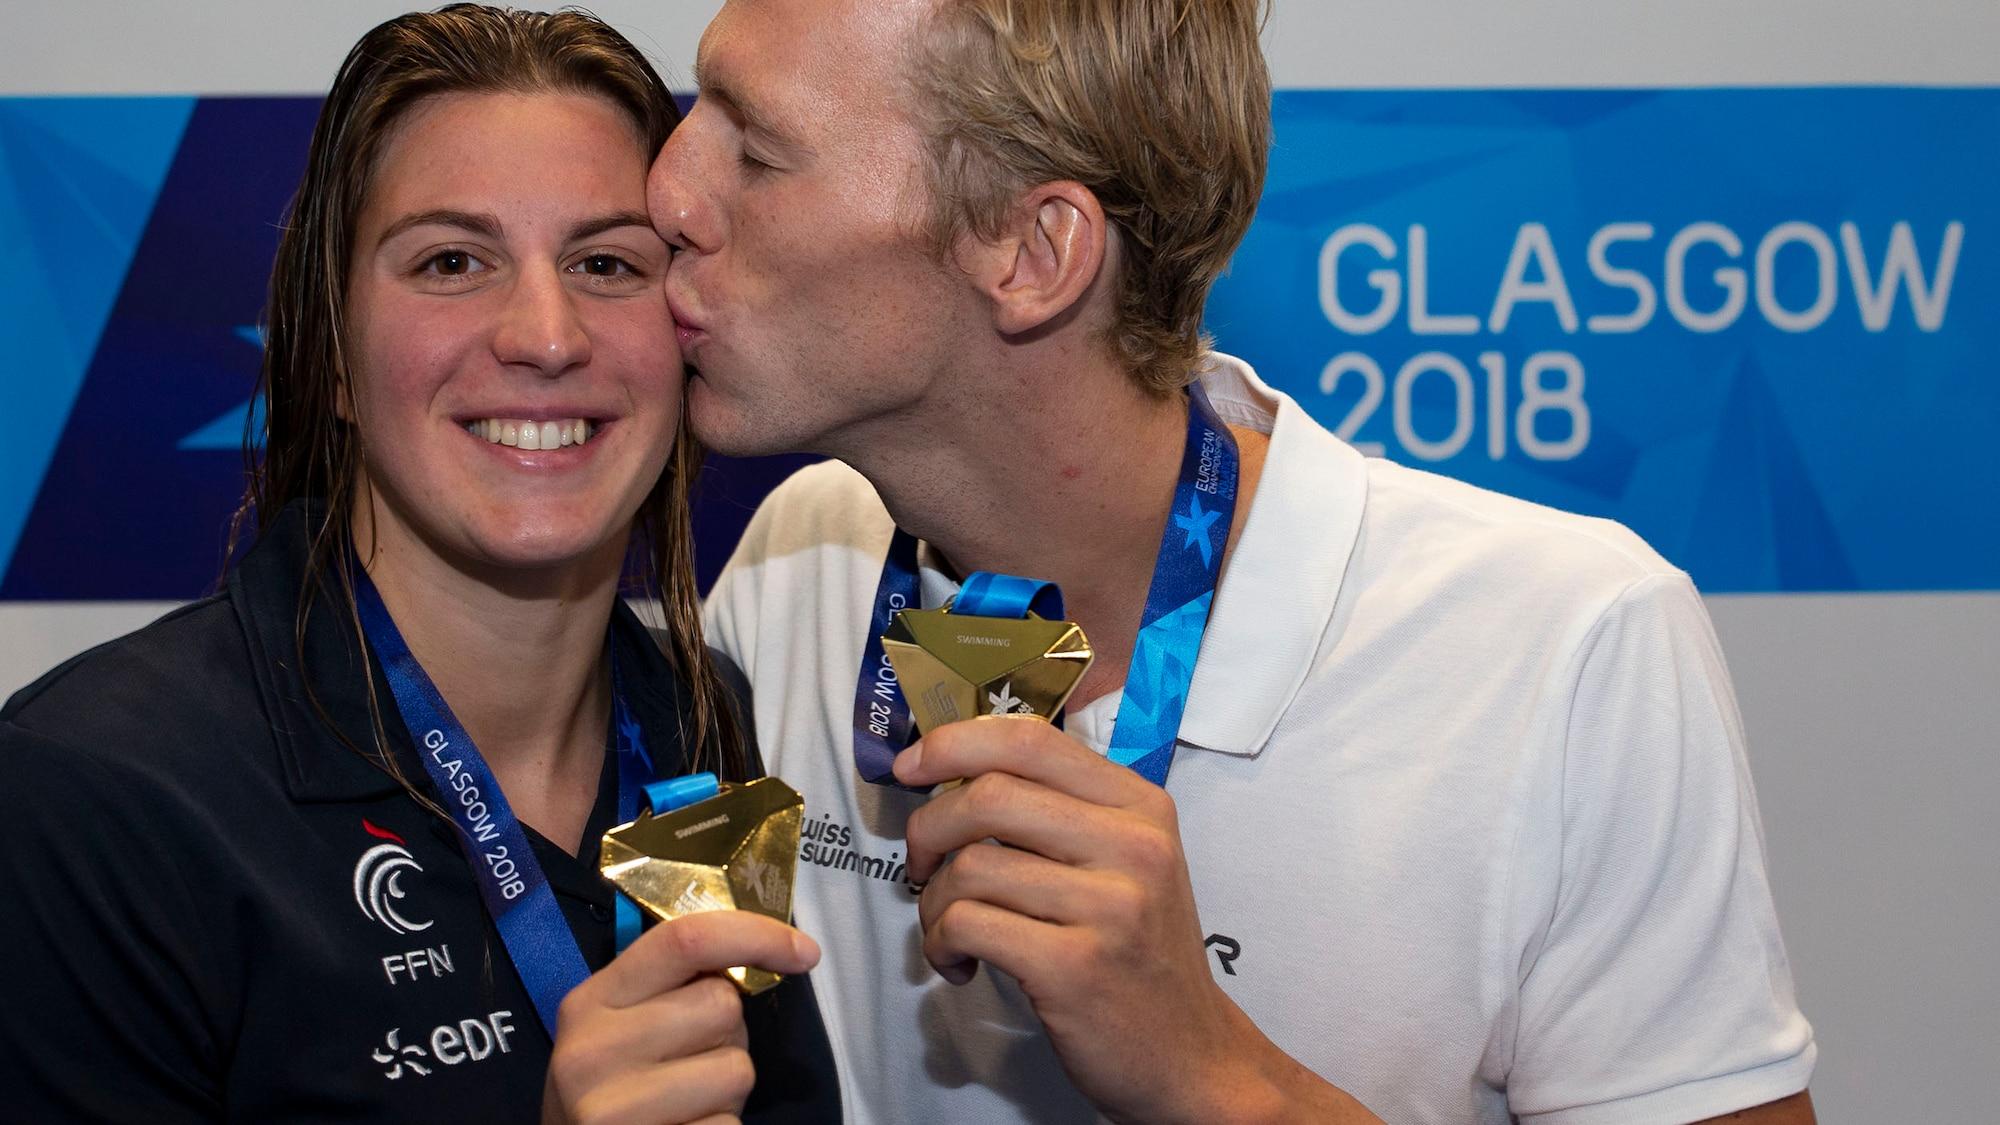 Macht sie ihn noch schneller?: Schwimm-Star Desplanches liebt Gold-Französin